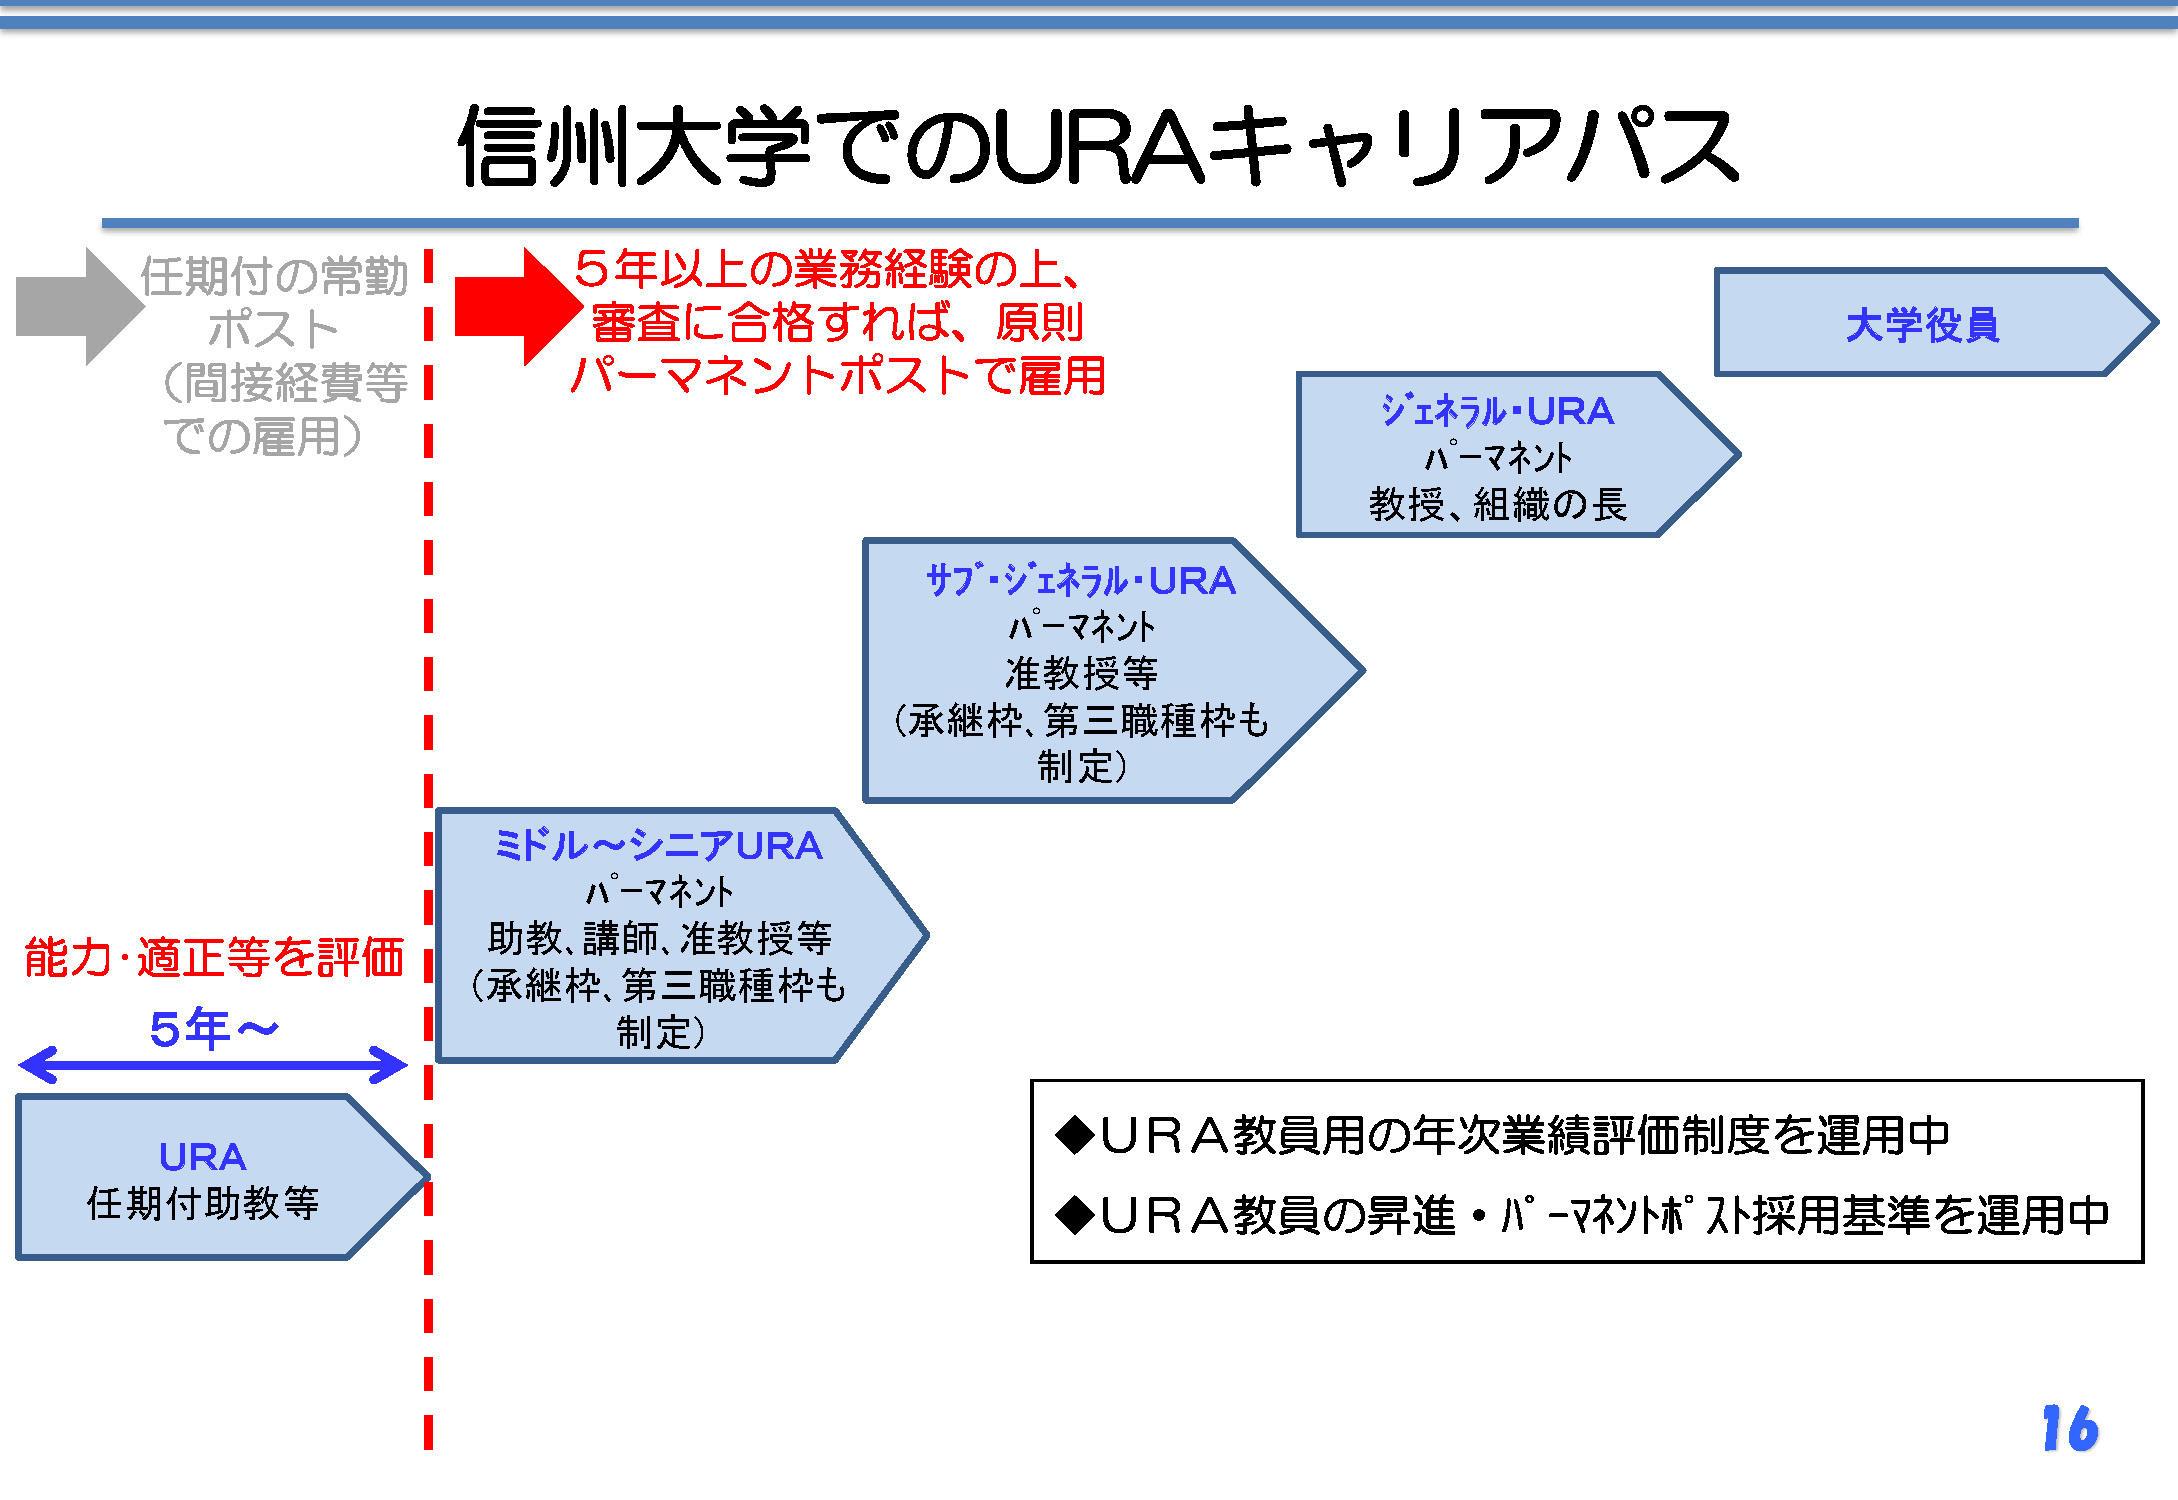 杉原氏講演資料4